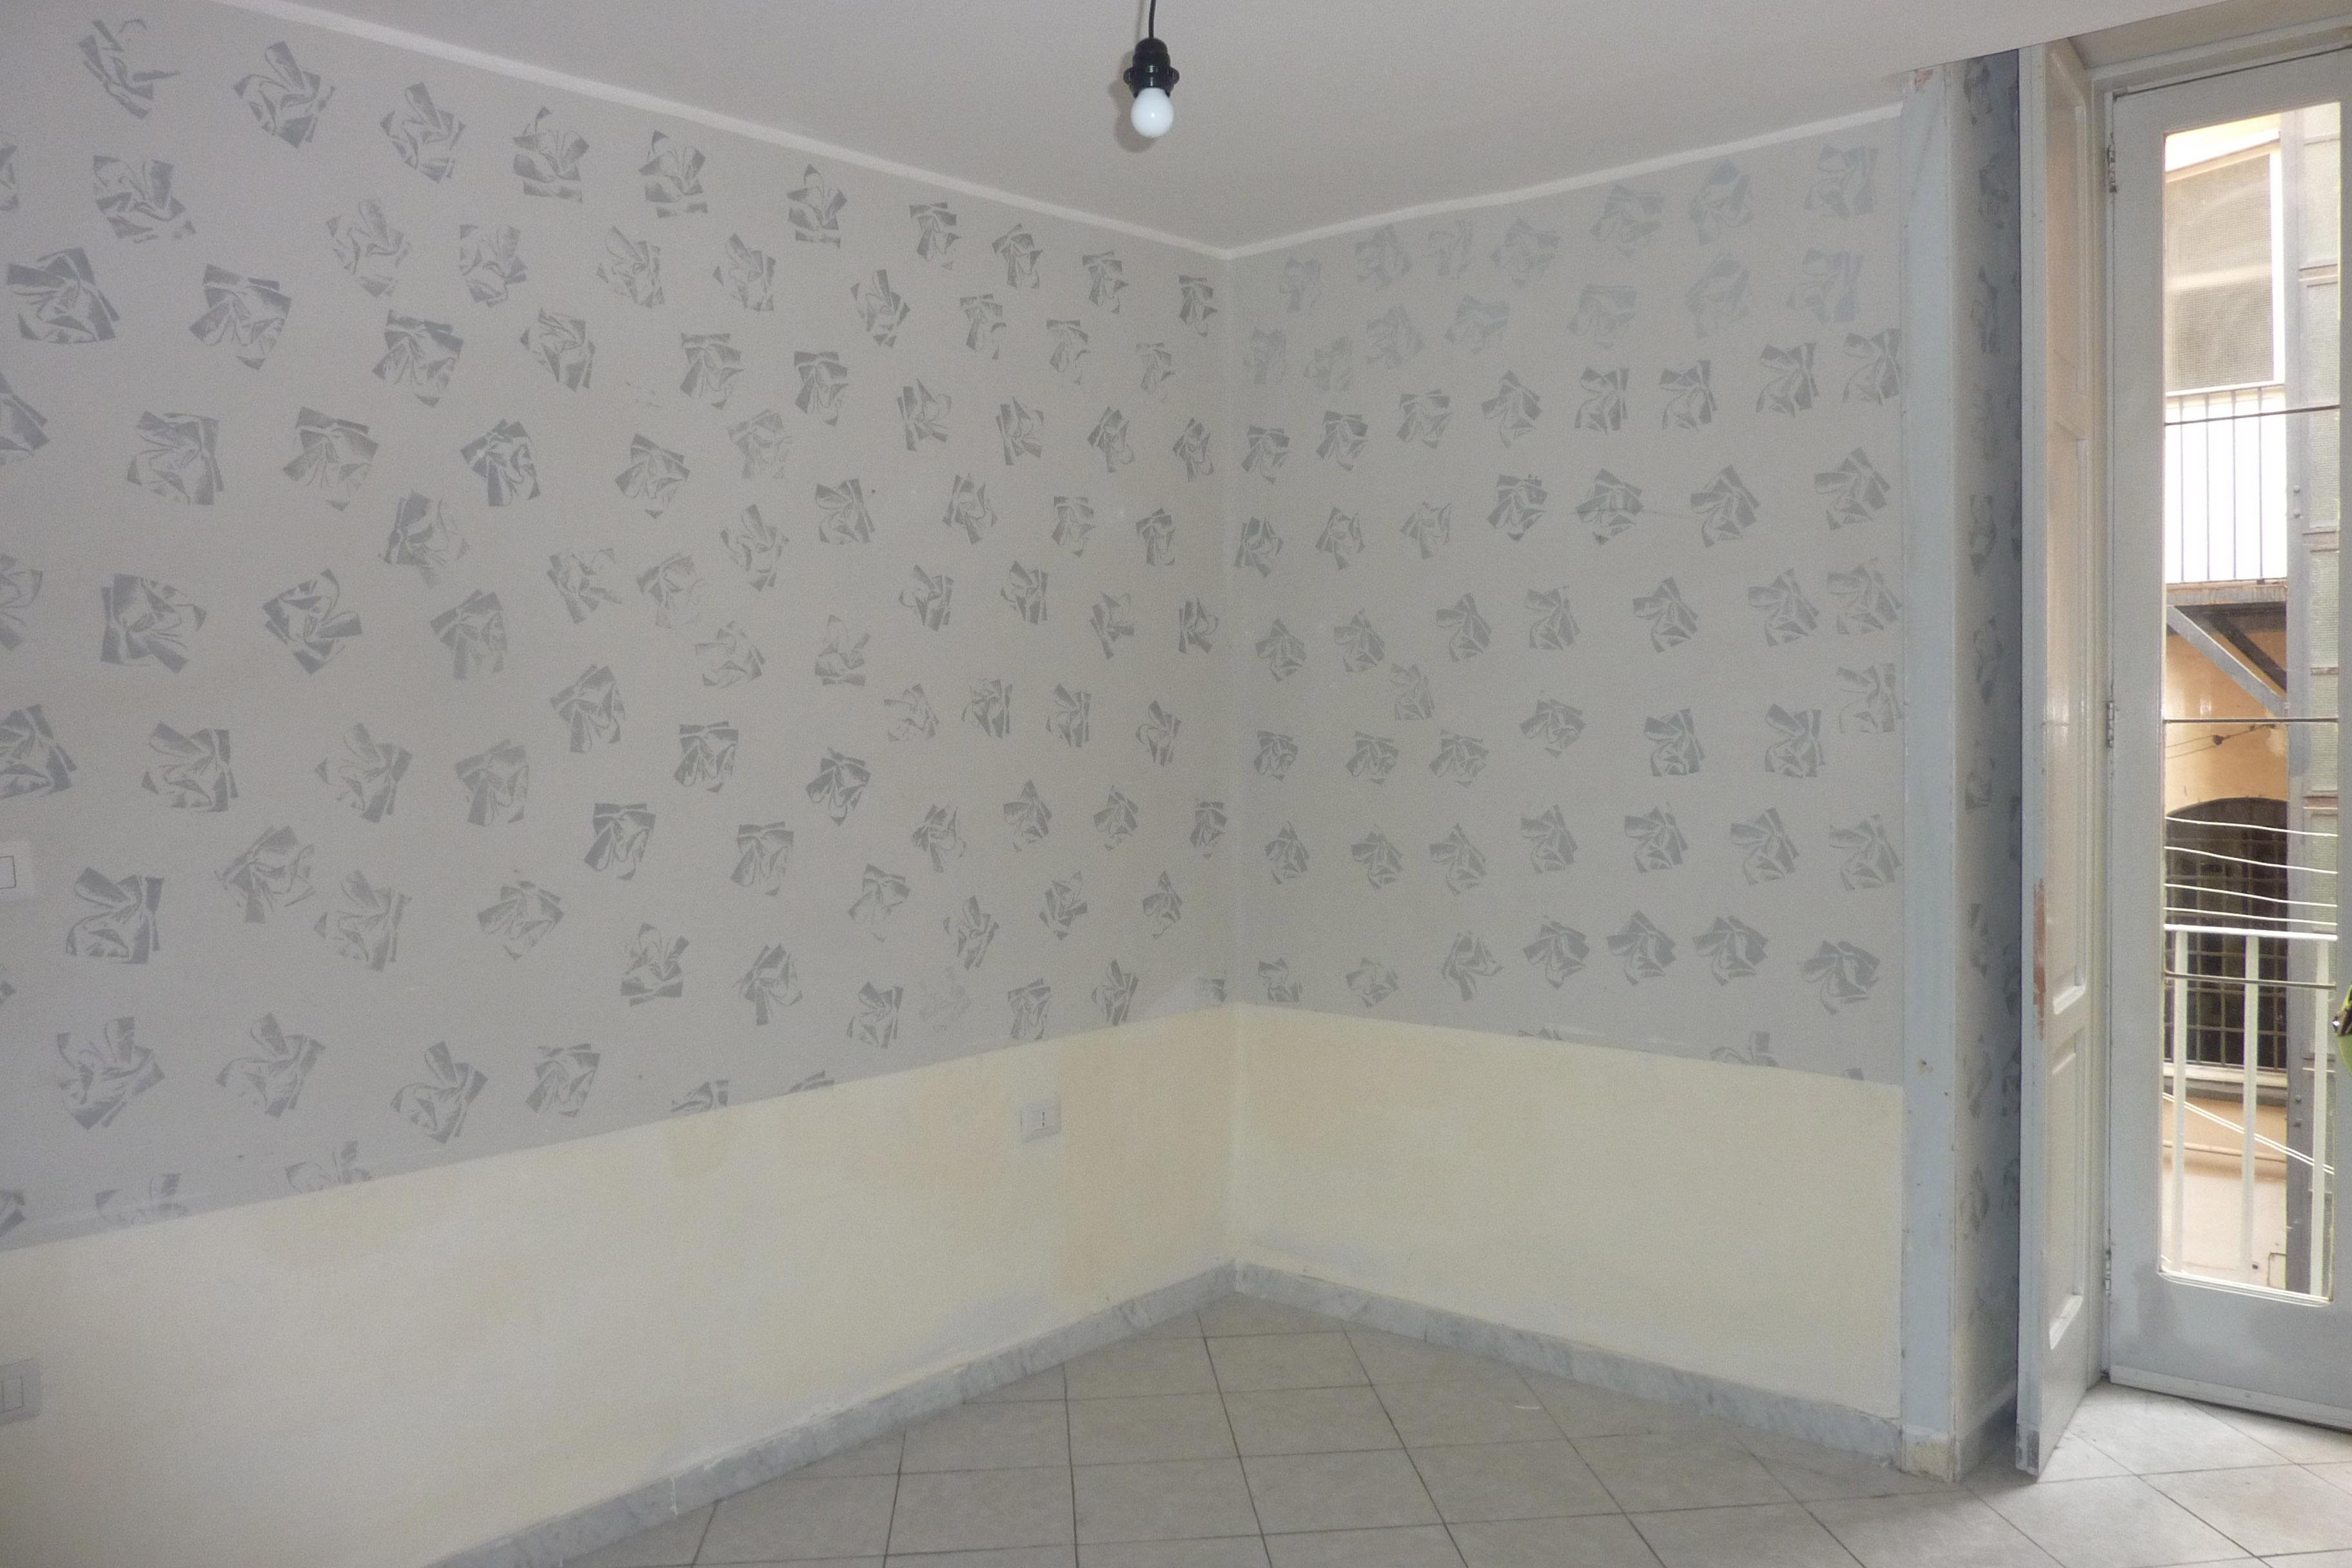 Piastrelle per muri interni listelli in pietra naturale - Pitturare muro esterno ...